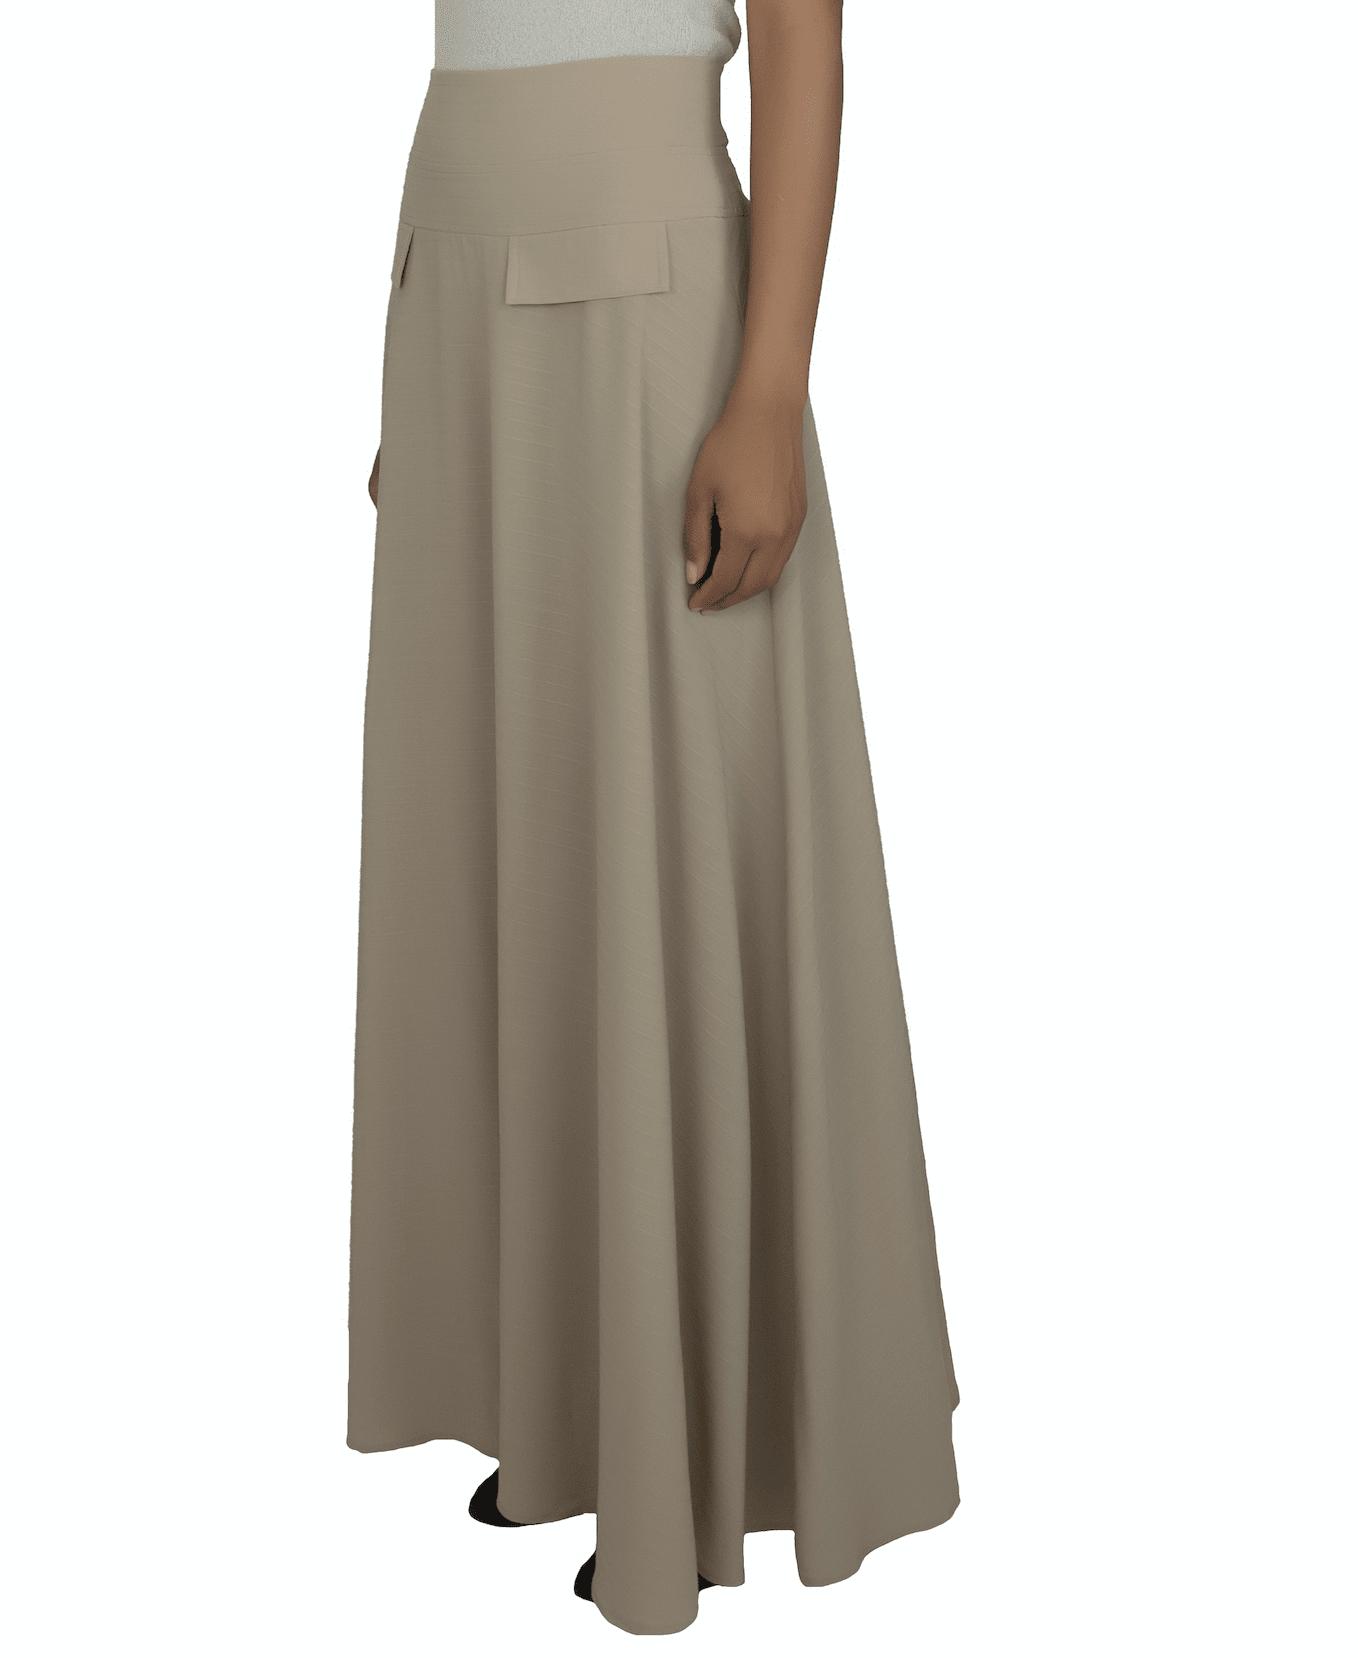 Skirt DIPHDA 1